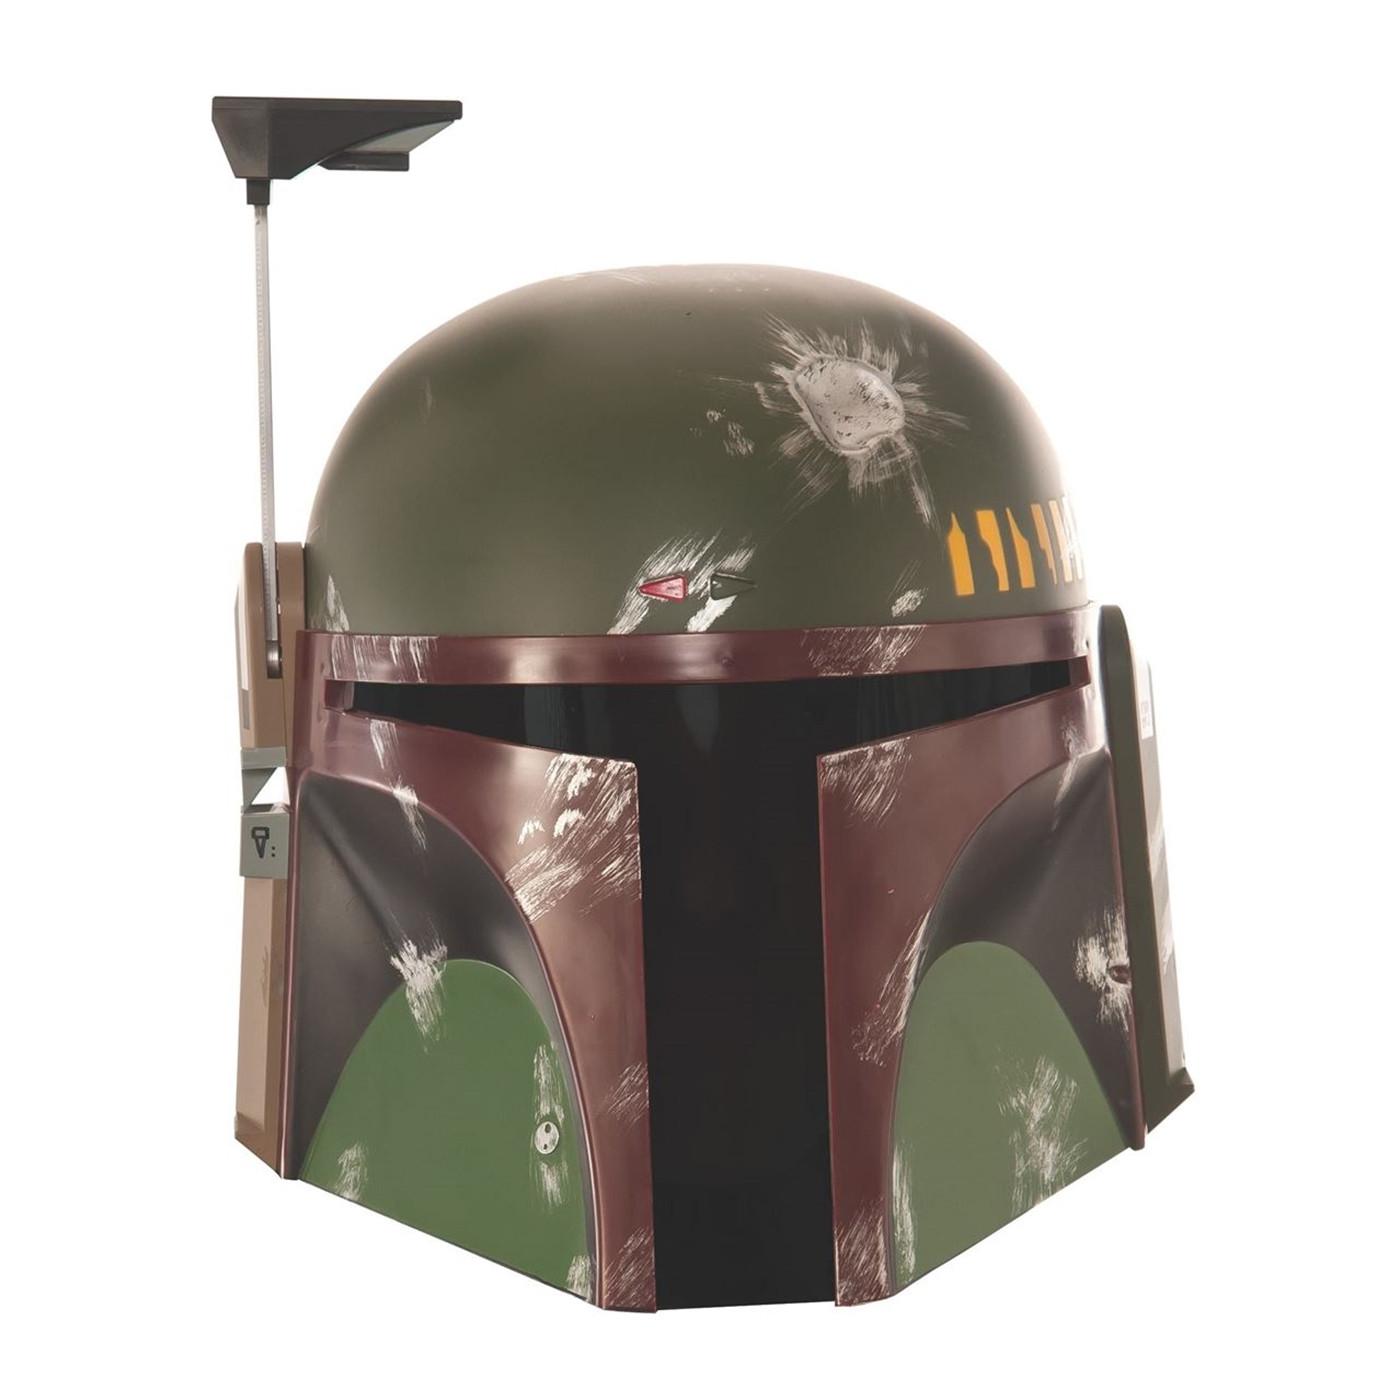 Star Wars Boba Fett Deluxe Mask